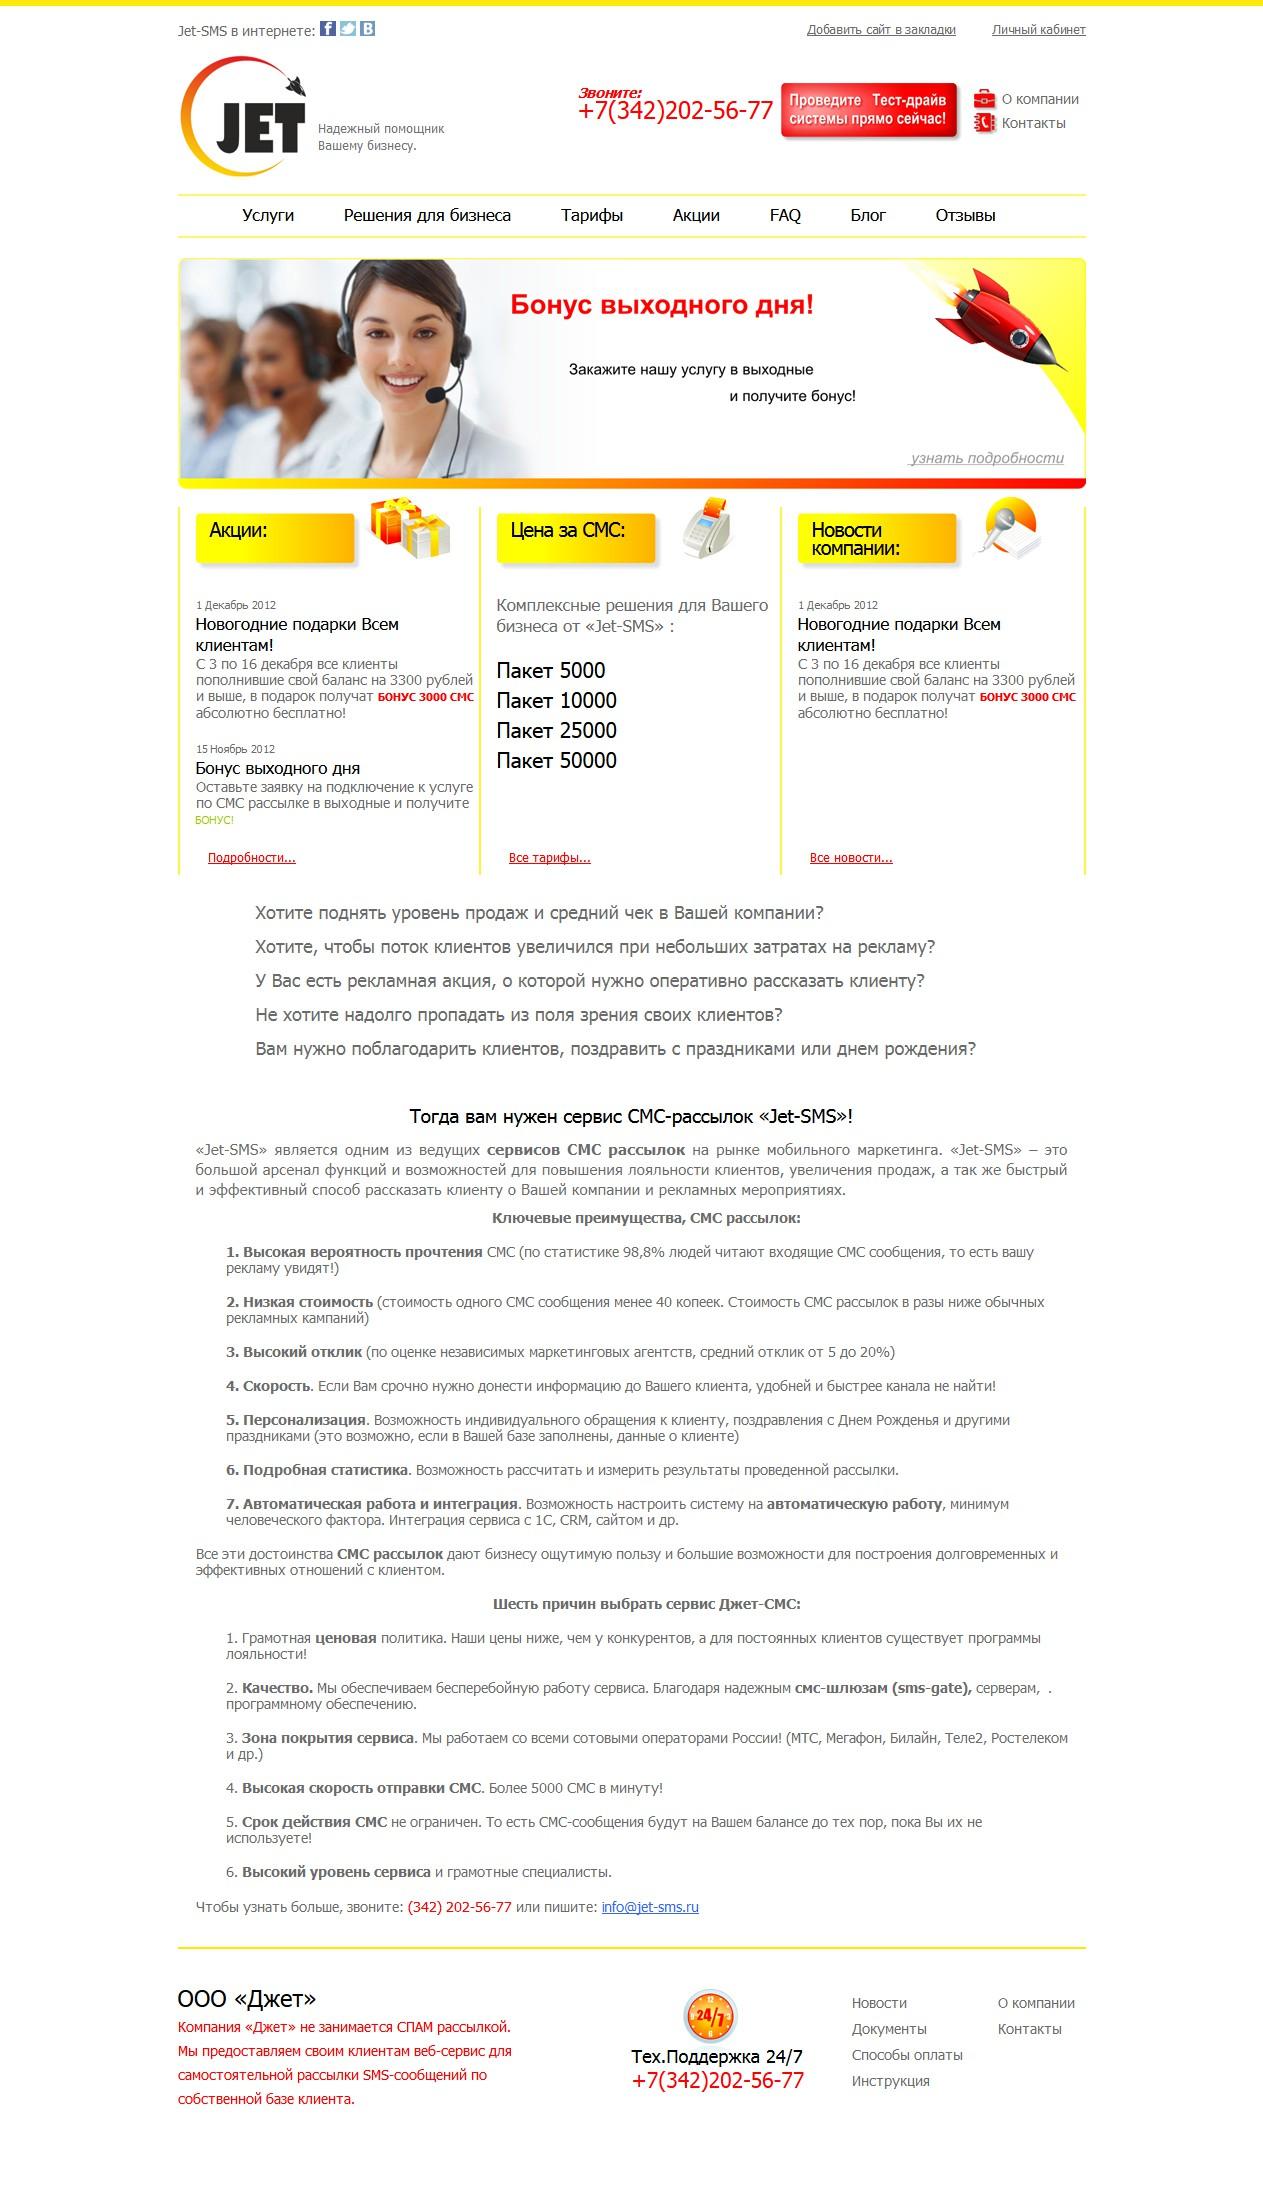 сервис СМС-рассылок